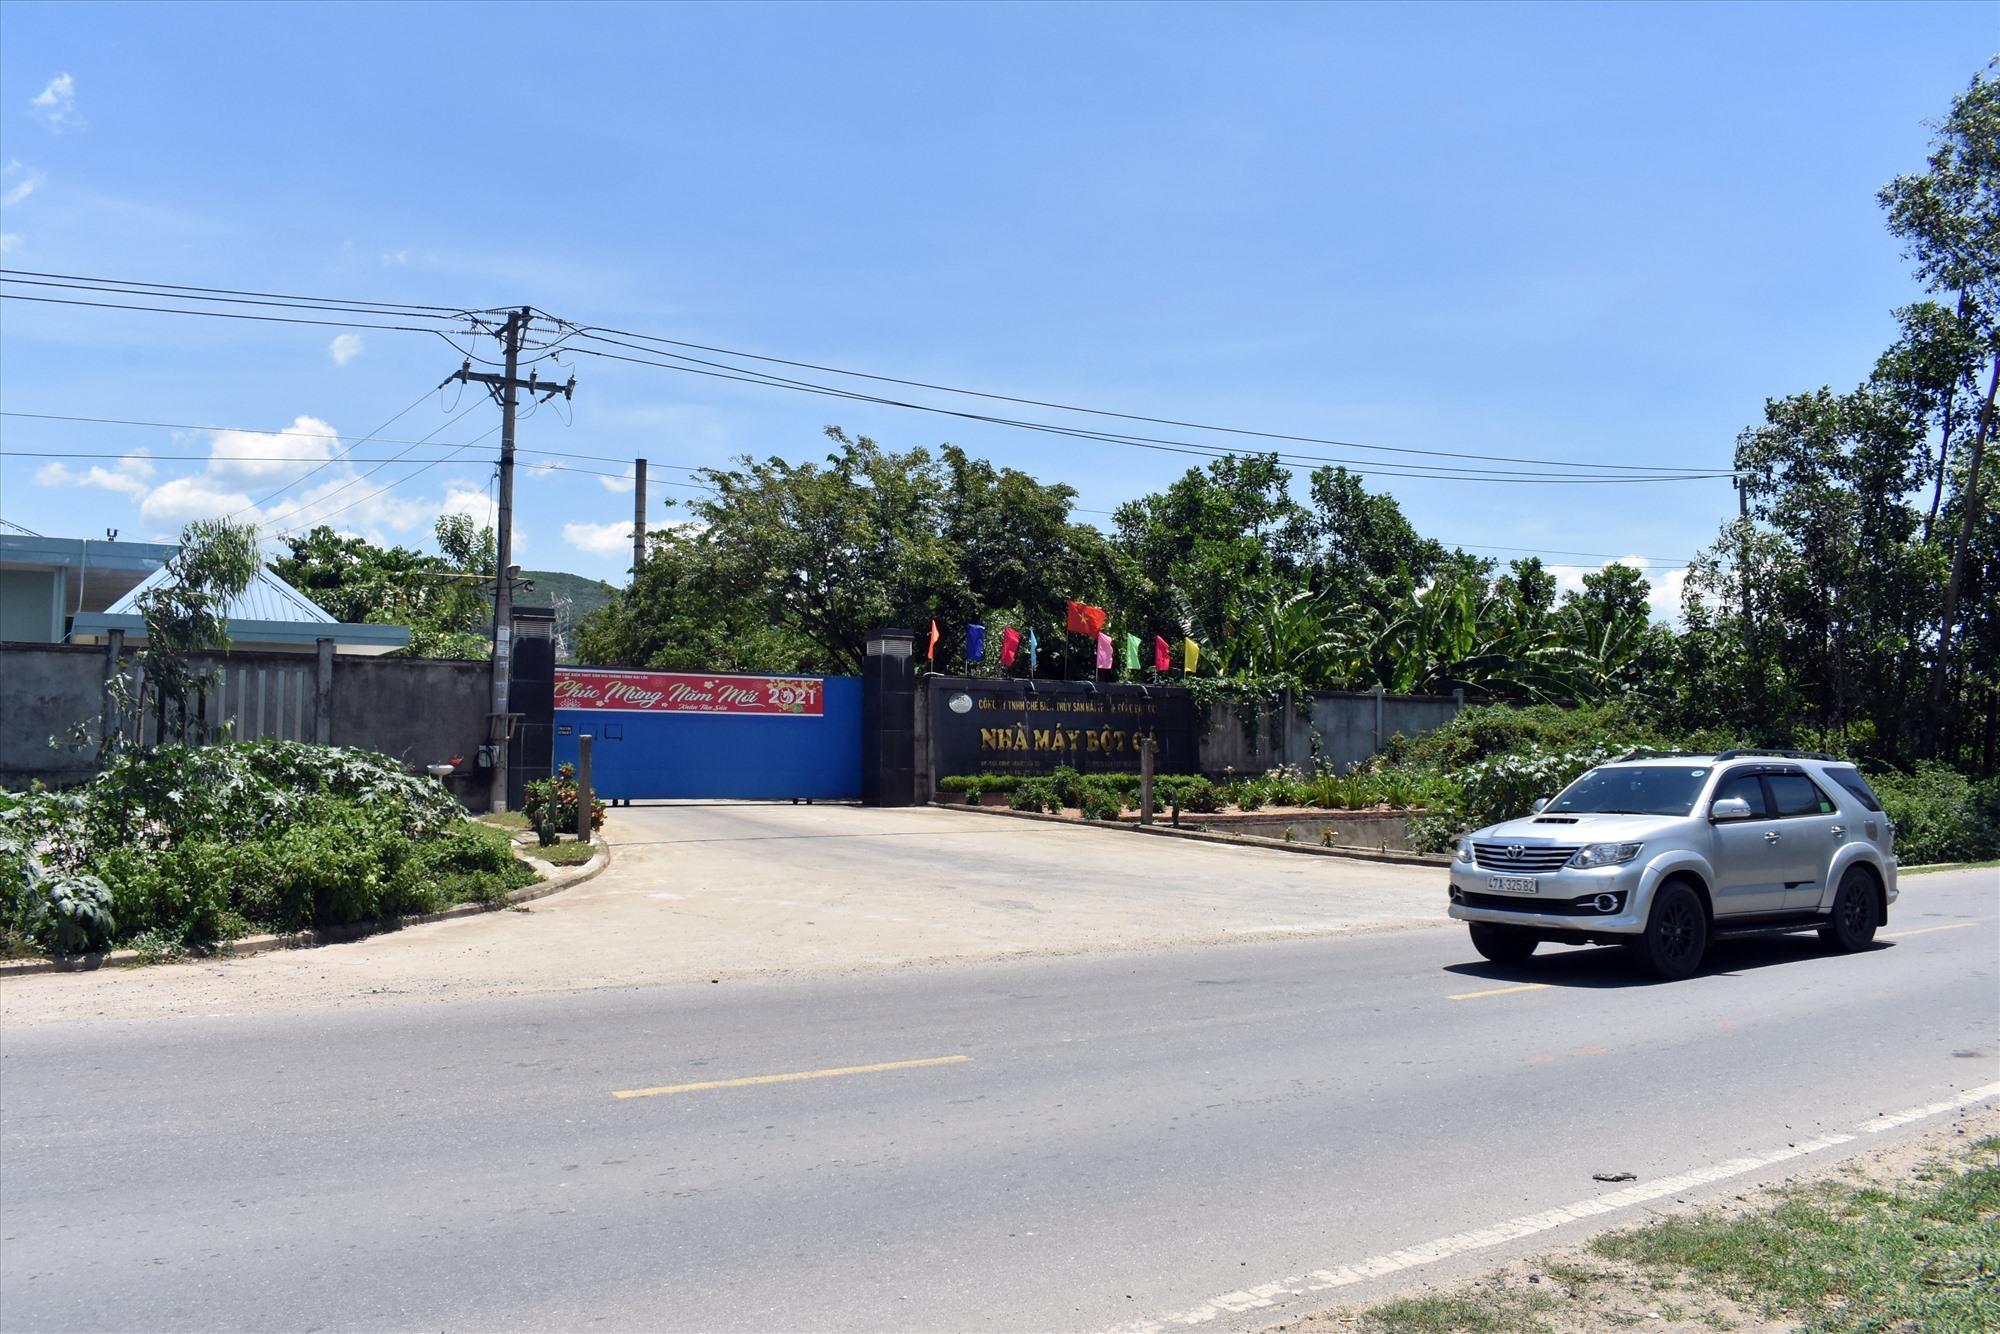 Nhà máy bột cá Công ty TNHH chế biến thủy sản Hải Thành Công bị dân phản ánh vì gây ra mùi hôi thối trong thời gian dài - Ảnh: VL